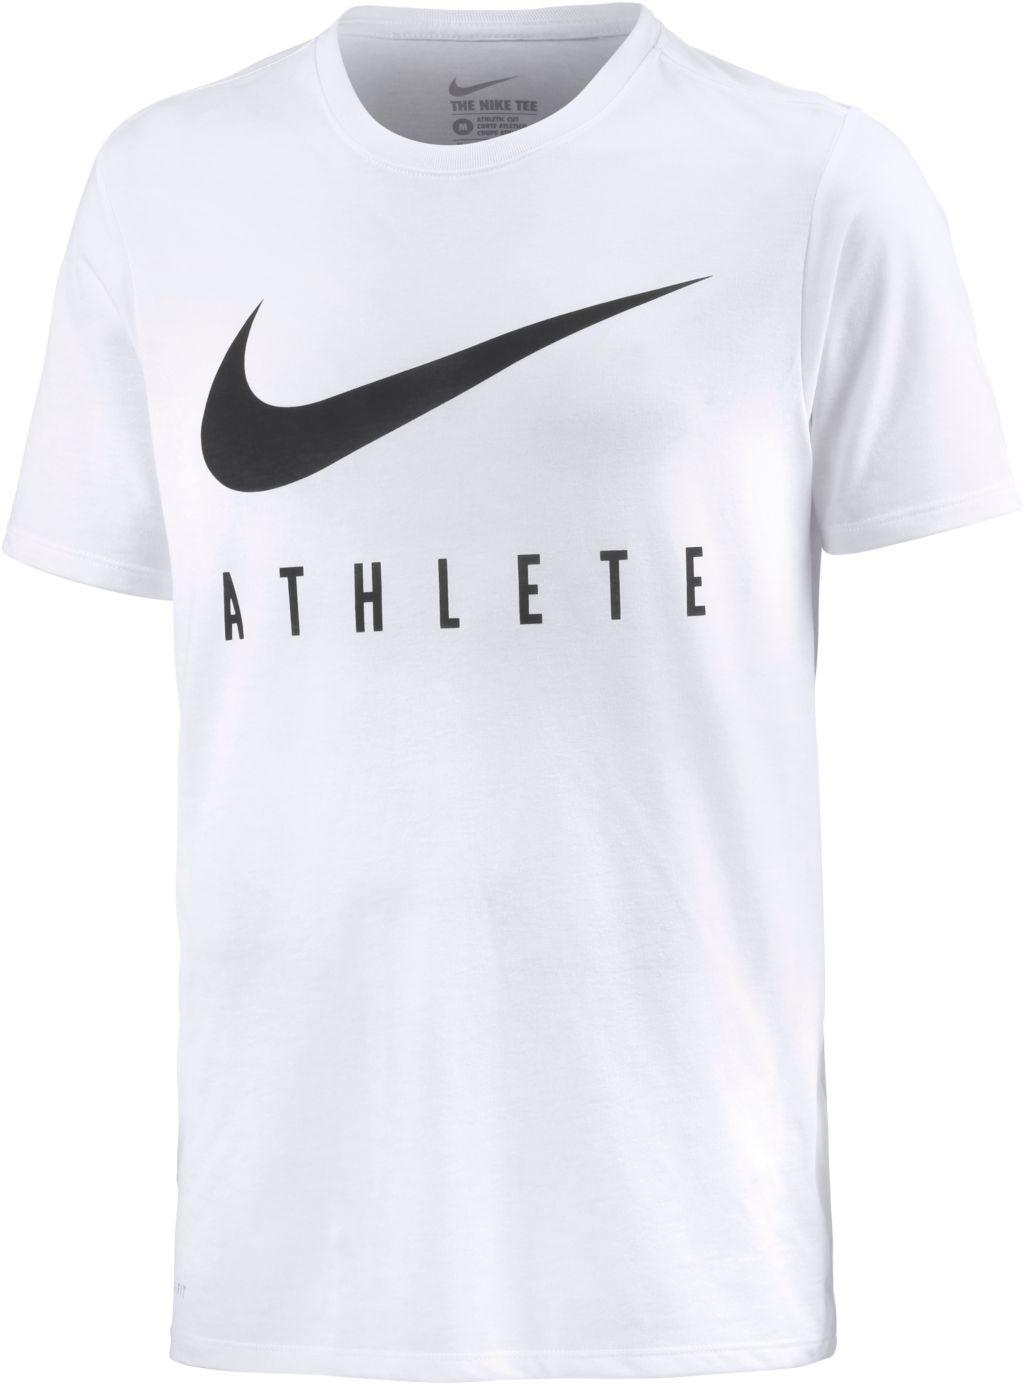 Swoosh Athlete Funktionsshirt Herren in weiß, Größe M